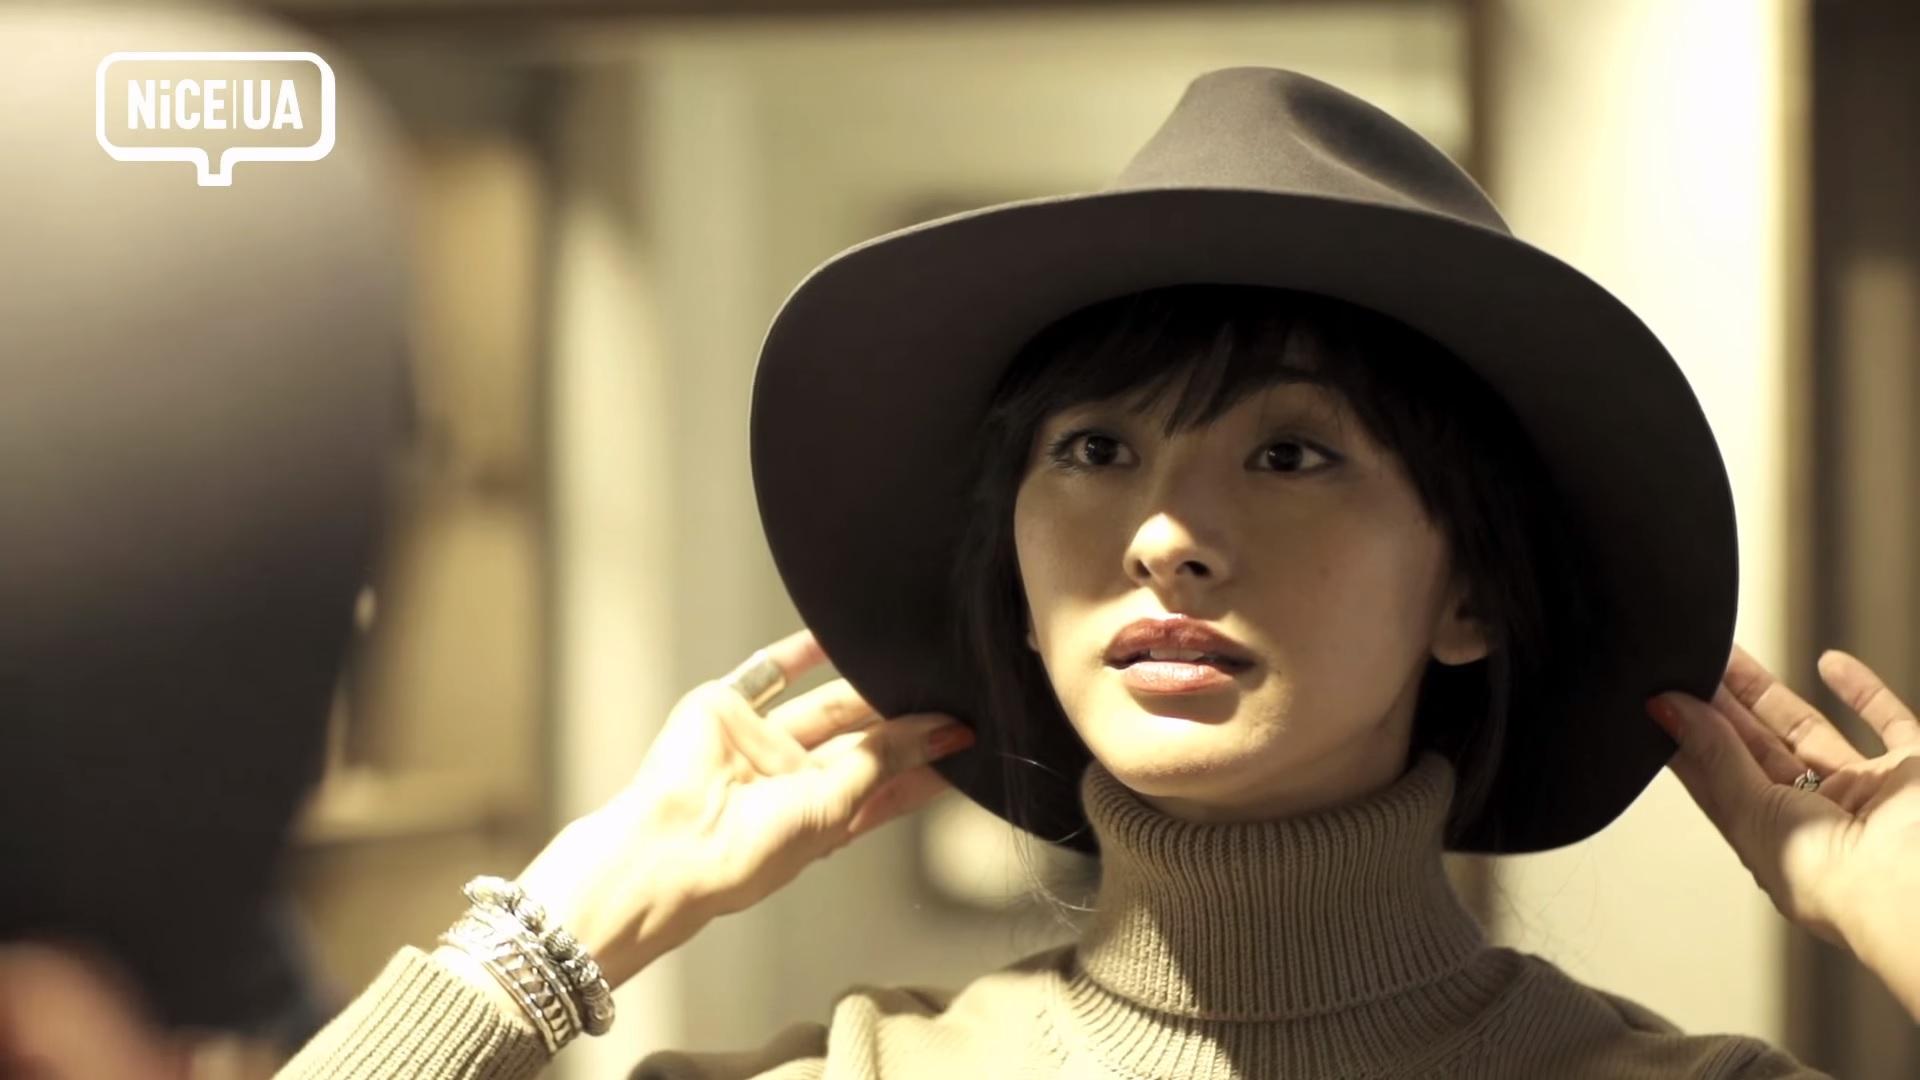 UA (1) ユナイテッド・アローズ モデルのクリス-ウェブ 佳子が普段使いしやすいハットを探して、帽子デザイナー木島隆幸のアトリエを訪れた。